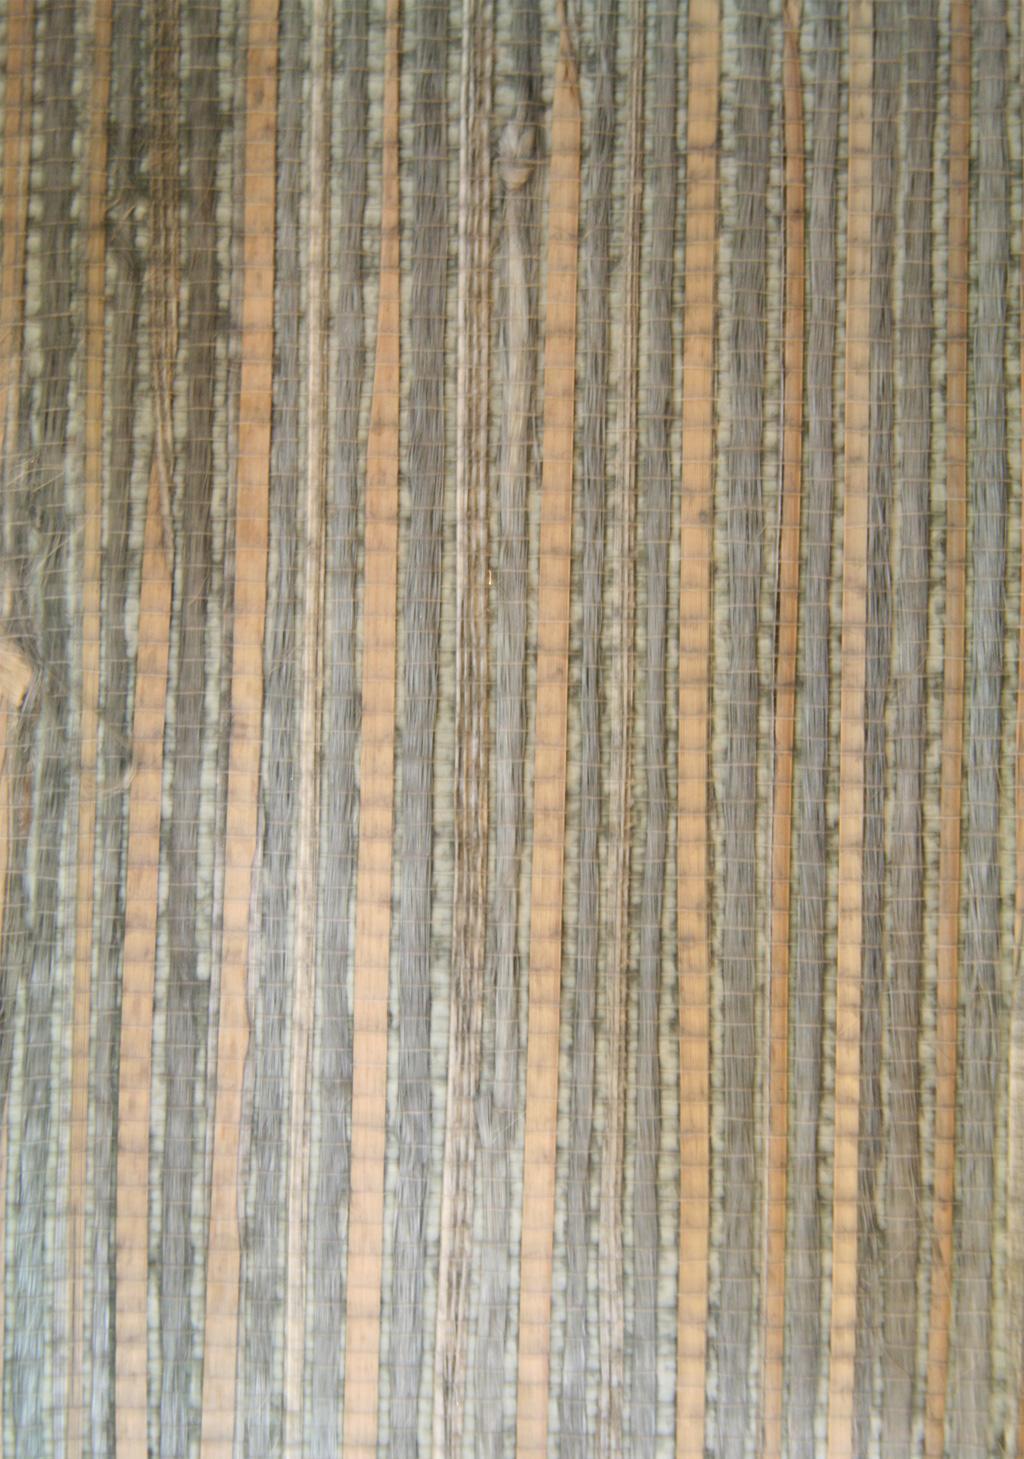 豪美迪壁纸新时尚系列-450-4